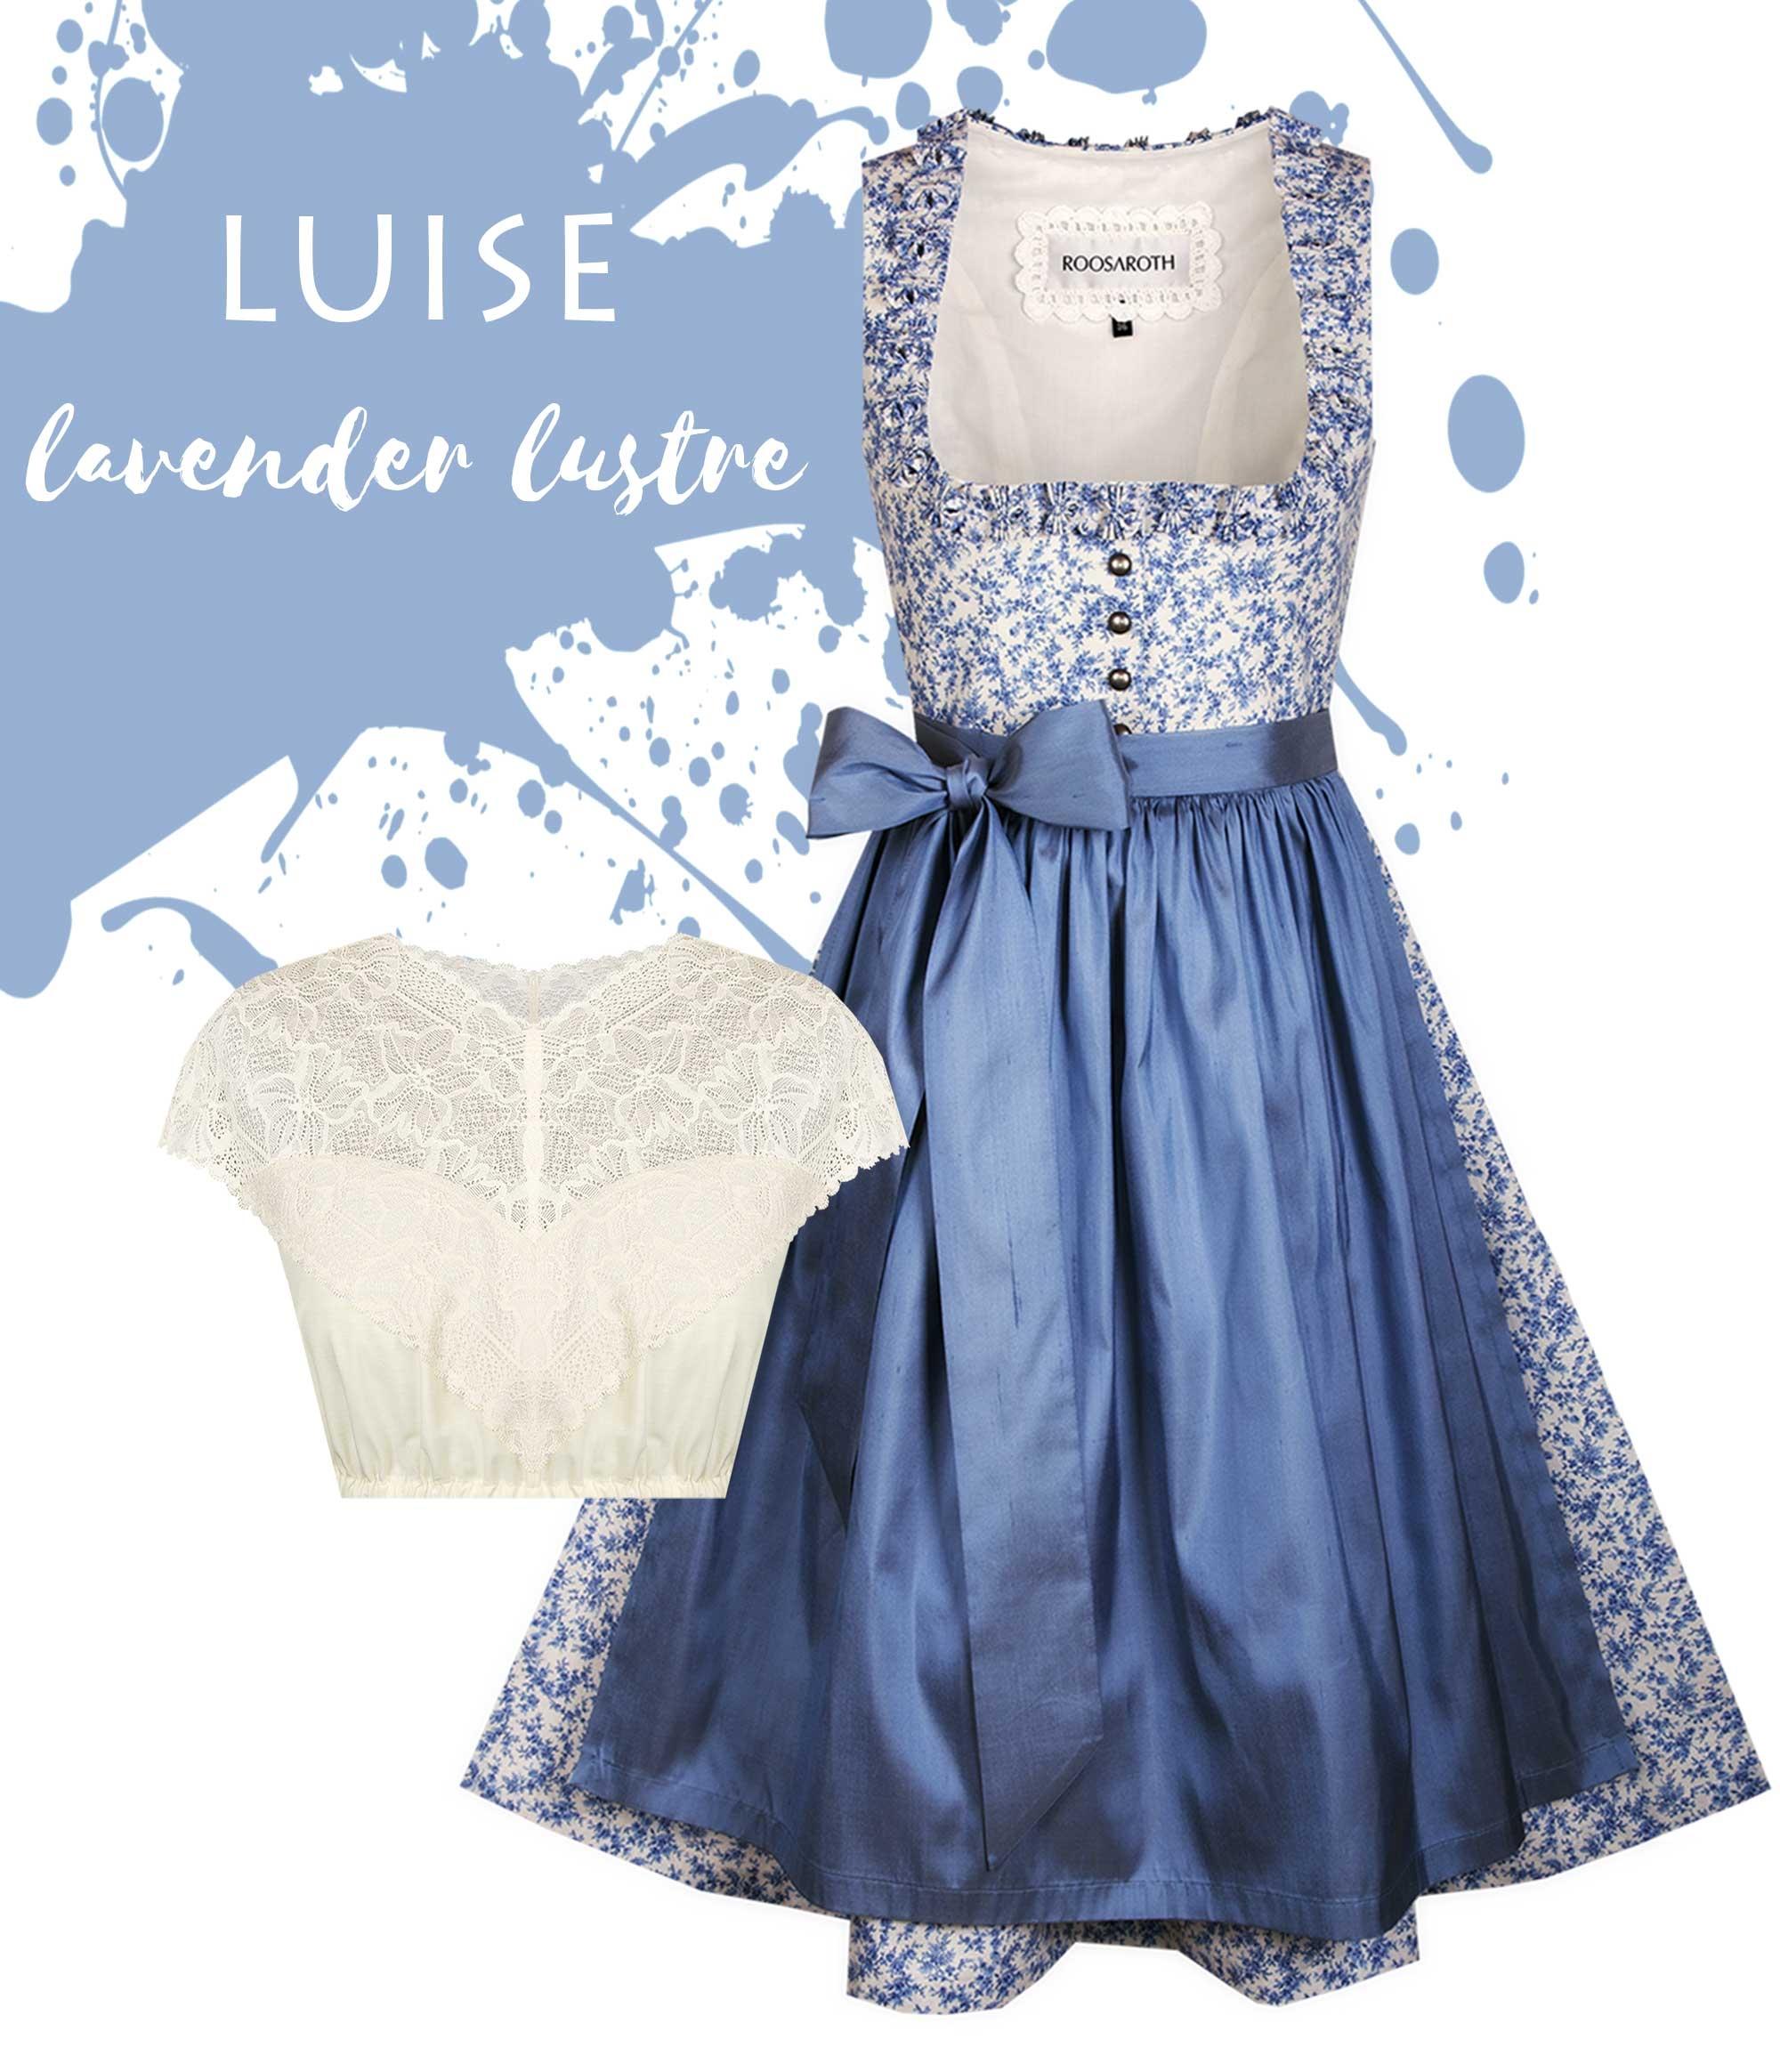 Dirndl LUISE Lavender Lustre